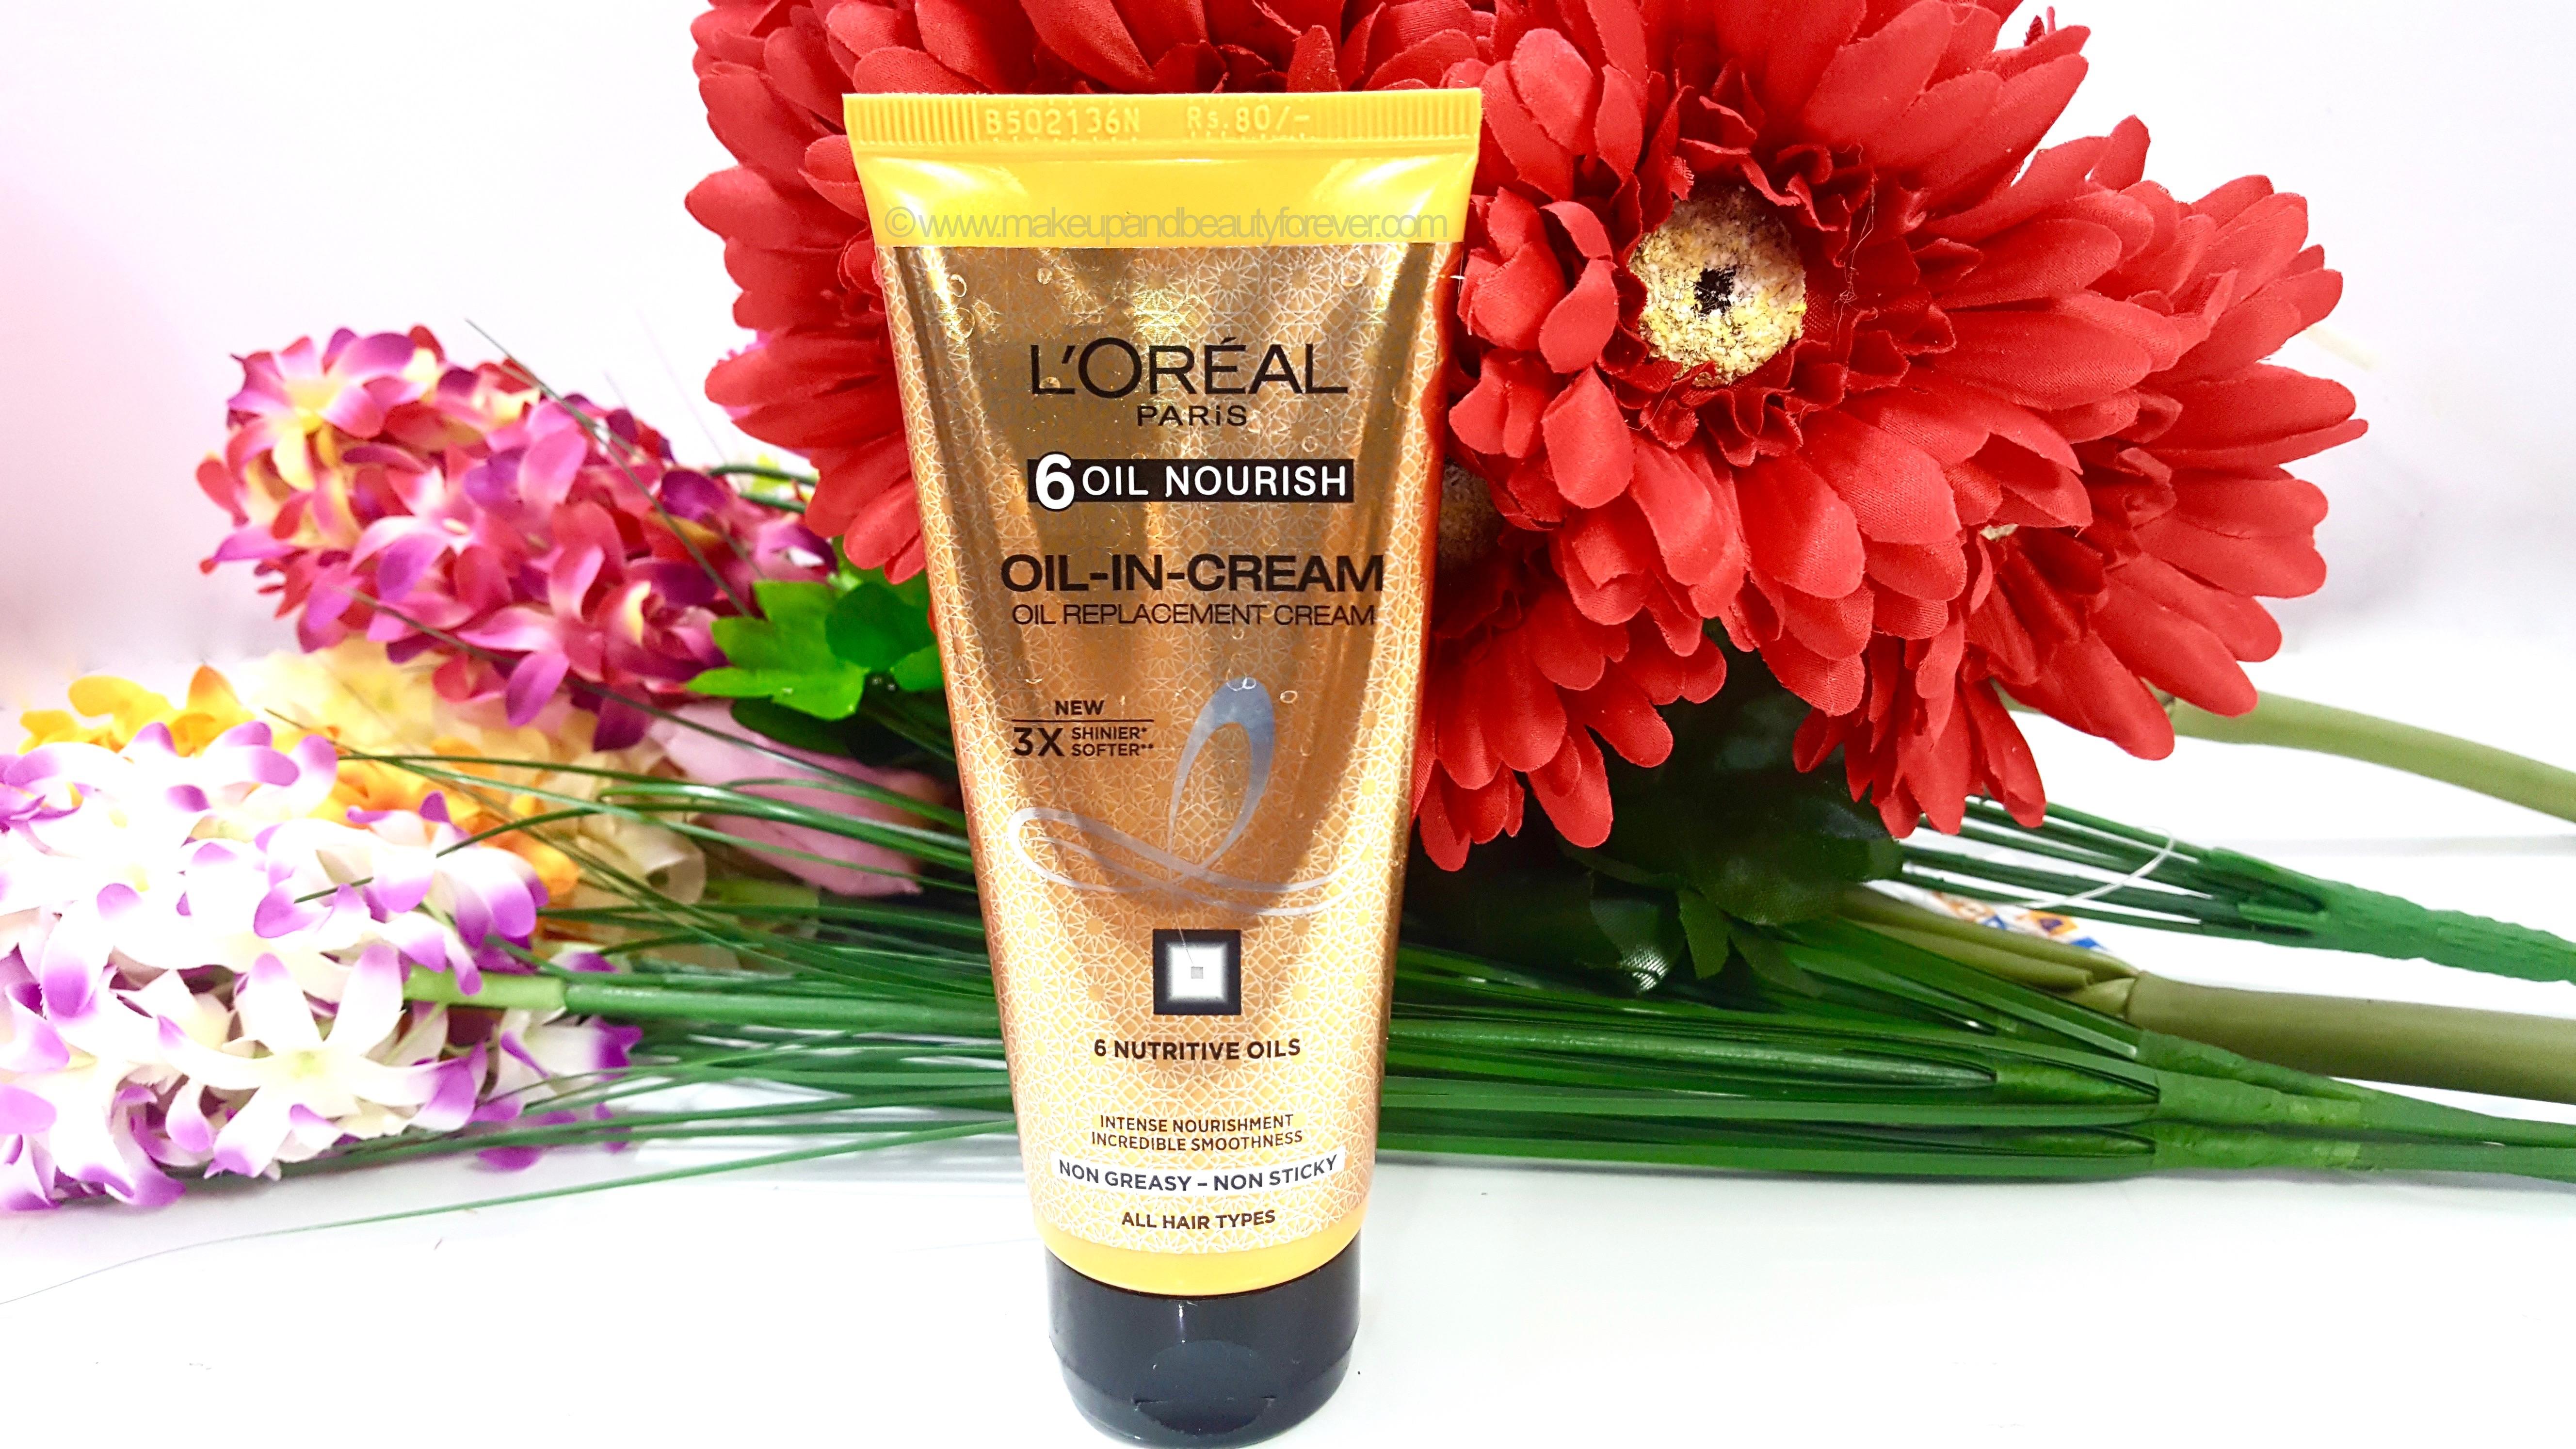 Loreal Paris Hair Expertise 6 Oil Nourish In Cream L Oreal Total Repair5 Mask 200ml Replacement Review